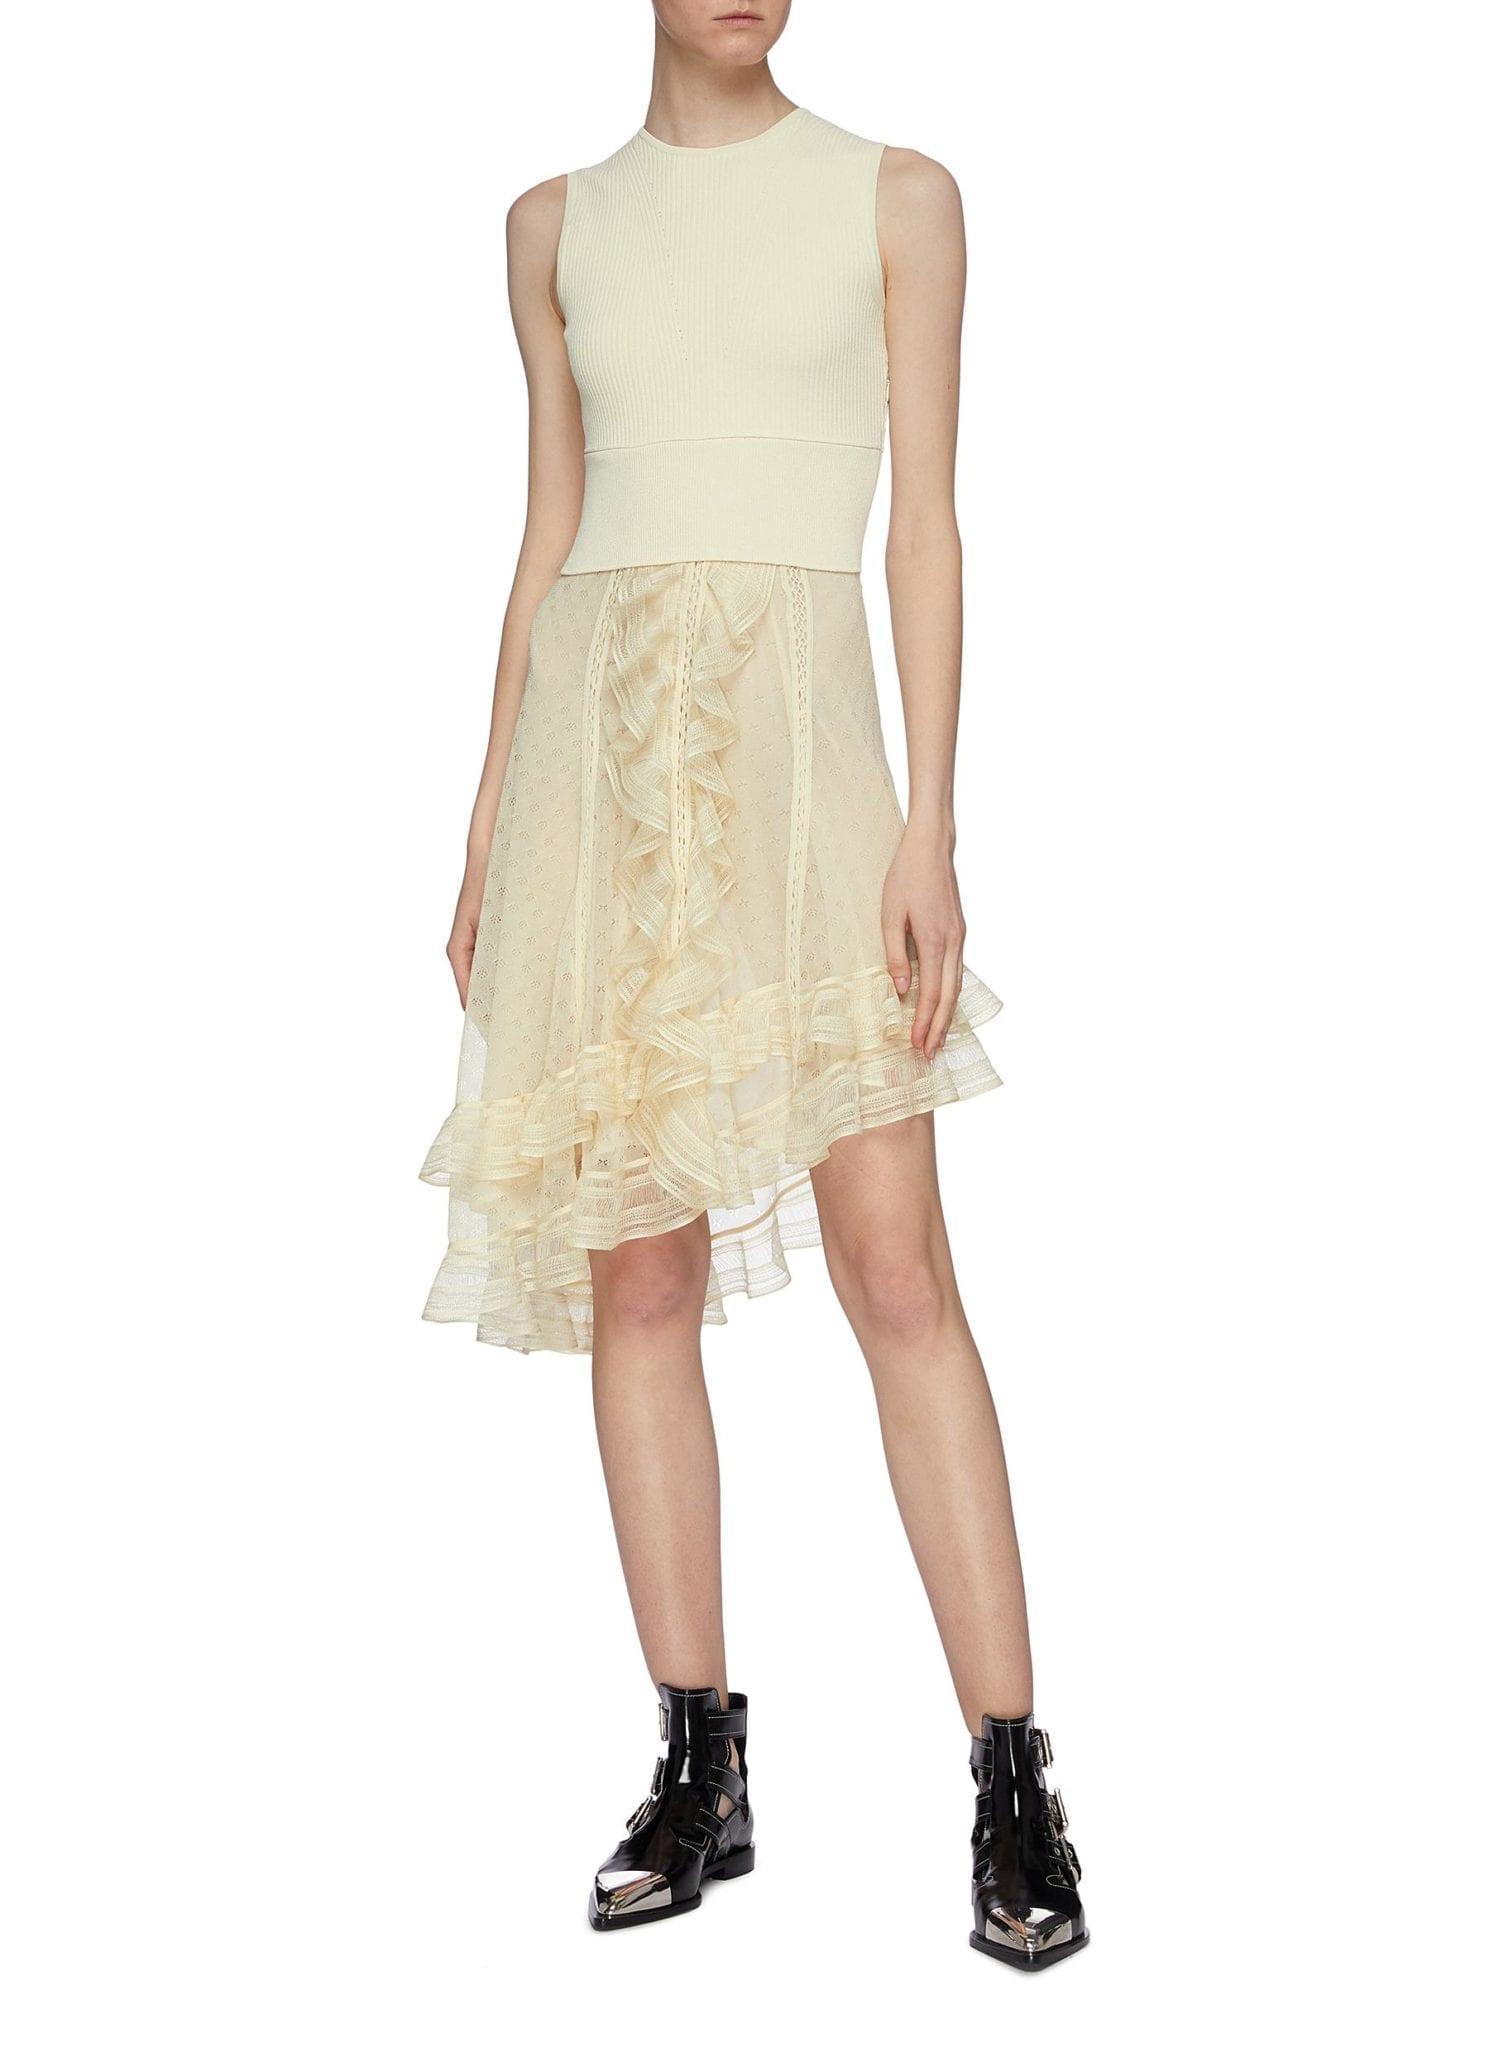 ALEXANDER MCQUEEN Asymmetric Tiered Ruffle Knit Sleeveless Dress